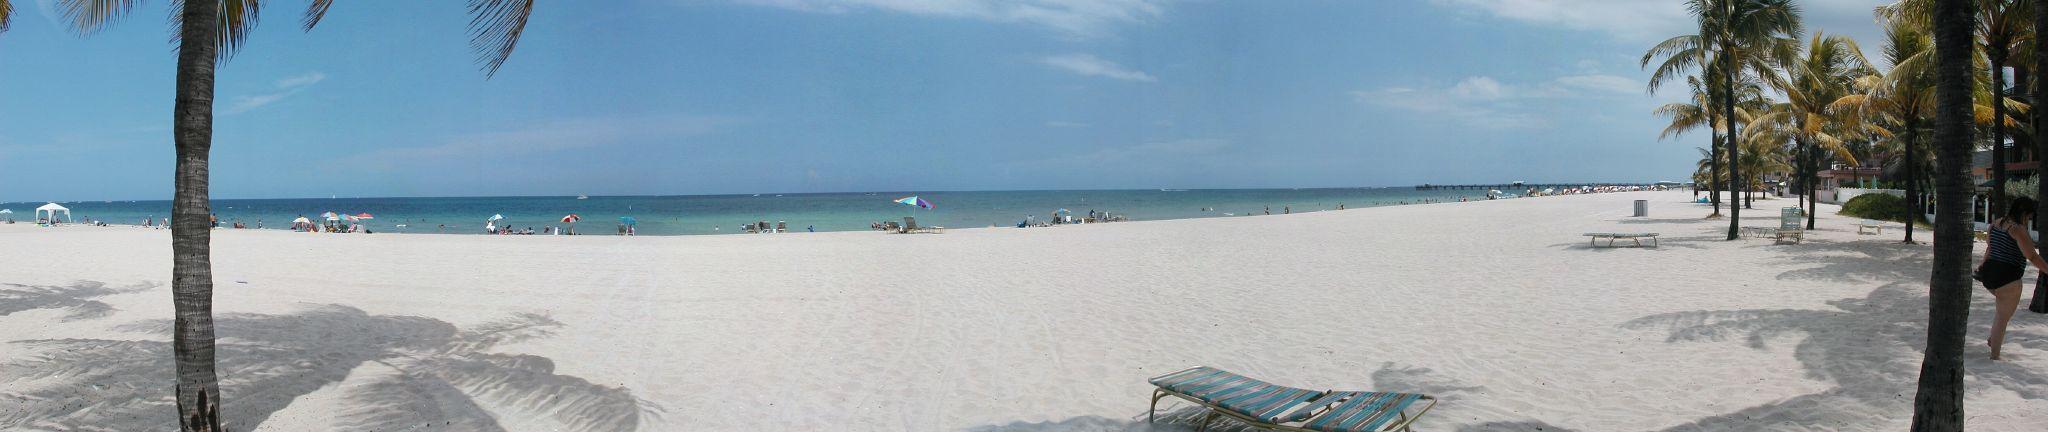 Fort Lauderdale Beach Rentals Weekly